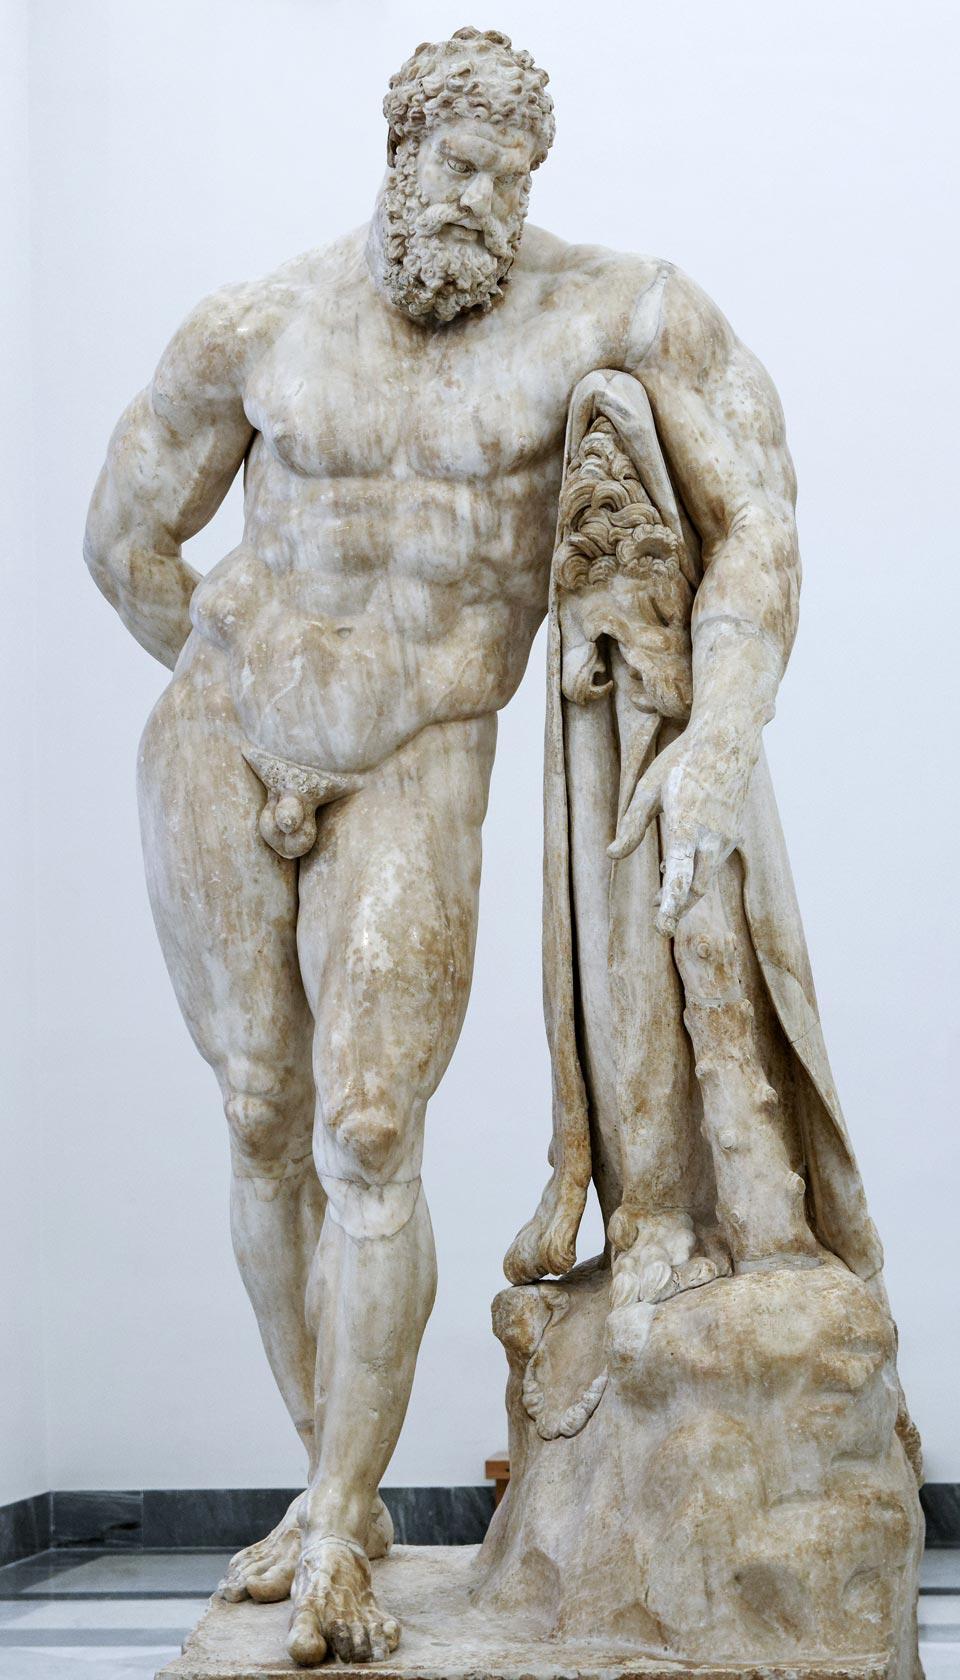 Replica dell'ercole farnese del museo archeologico nazionale di napoli. l'imponente scultura è adesso disponibile per la vendita presso la galleria bazzanti di firenze.